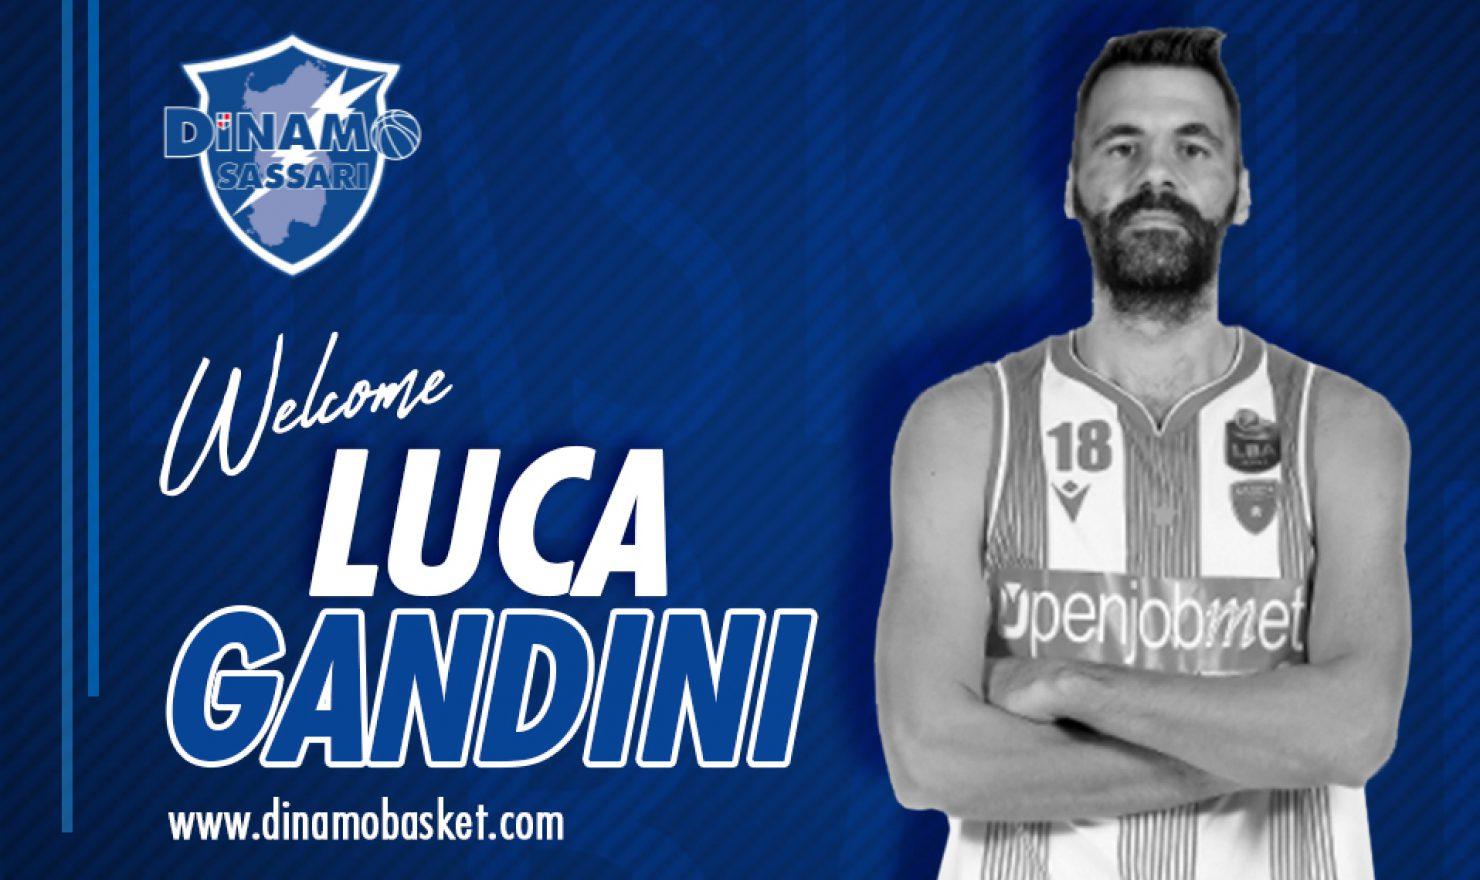 La Dinamo fa centro con Luca Gandini